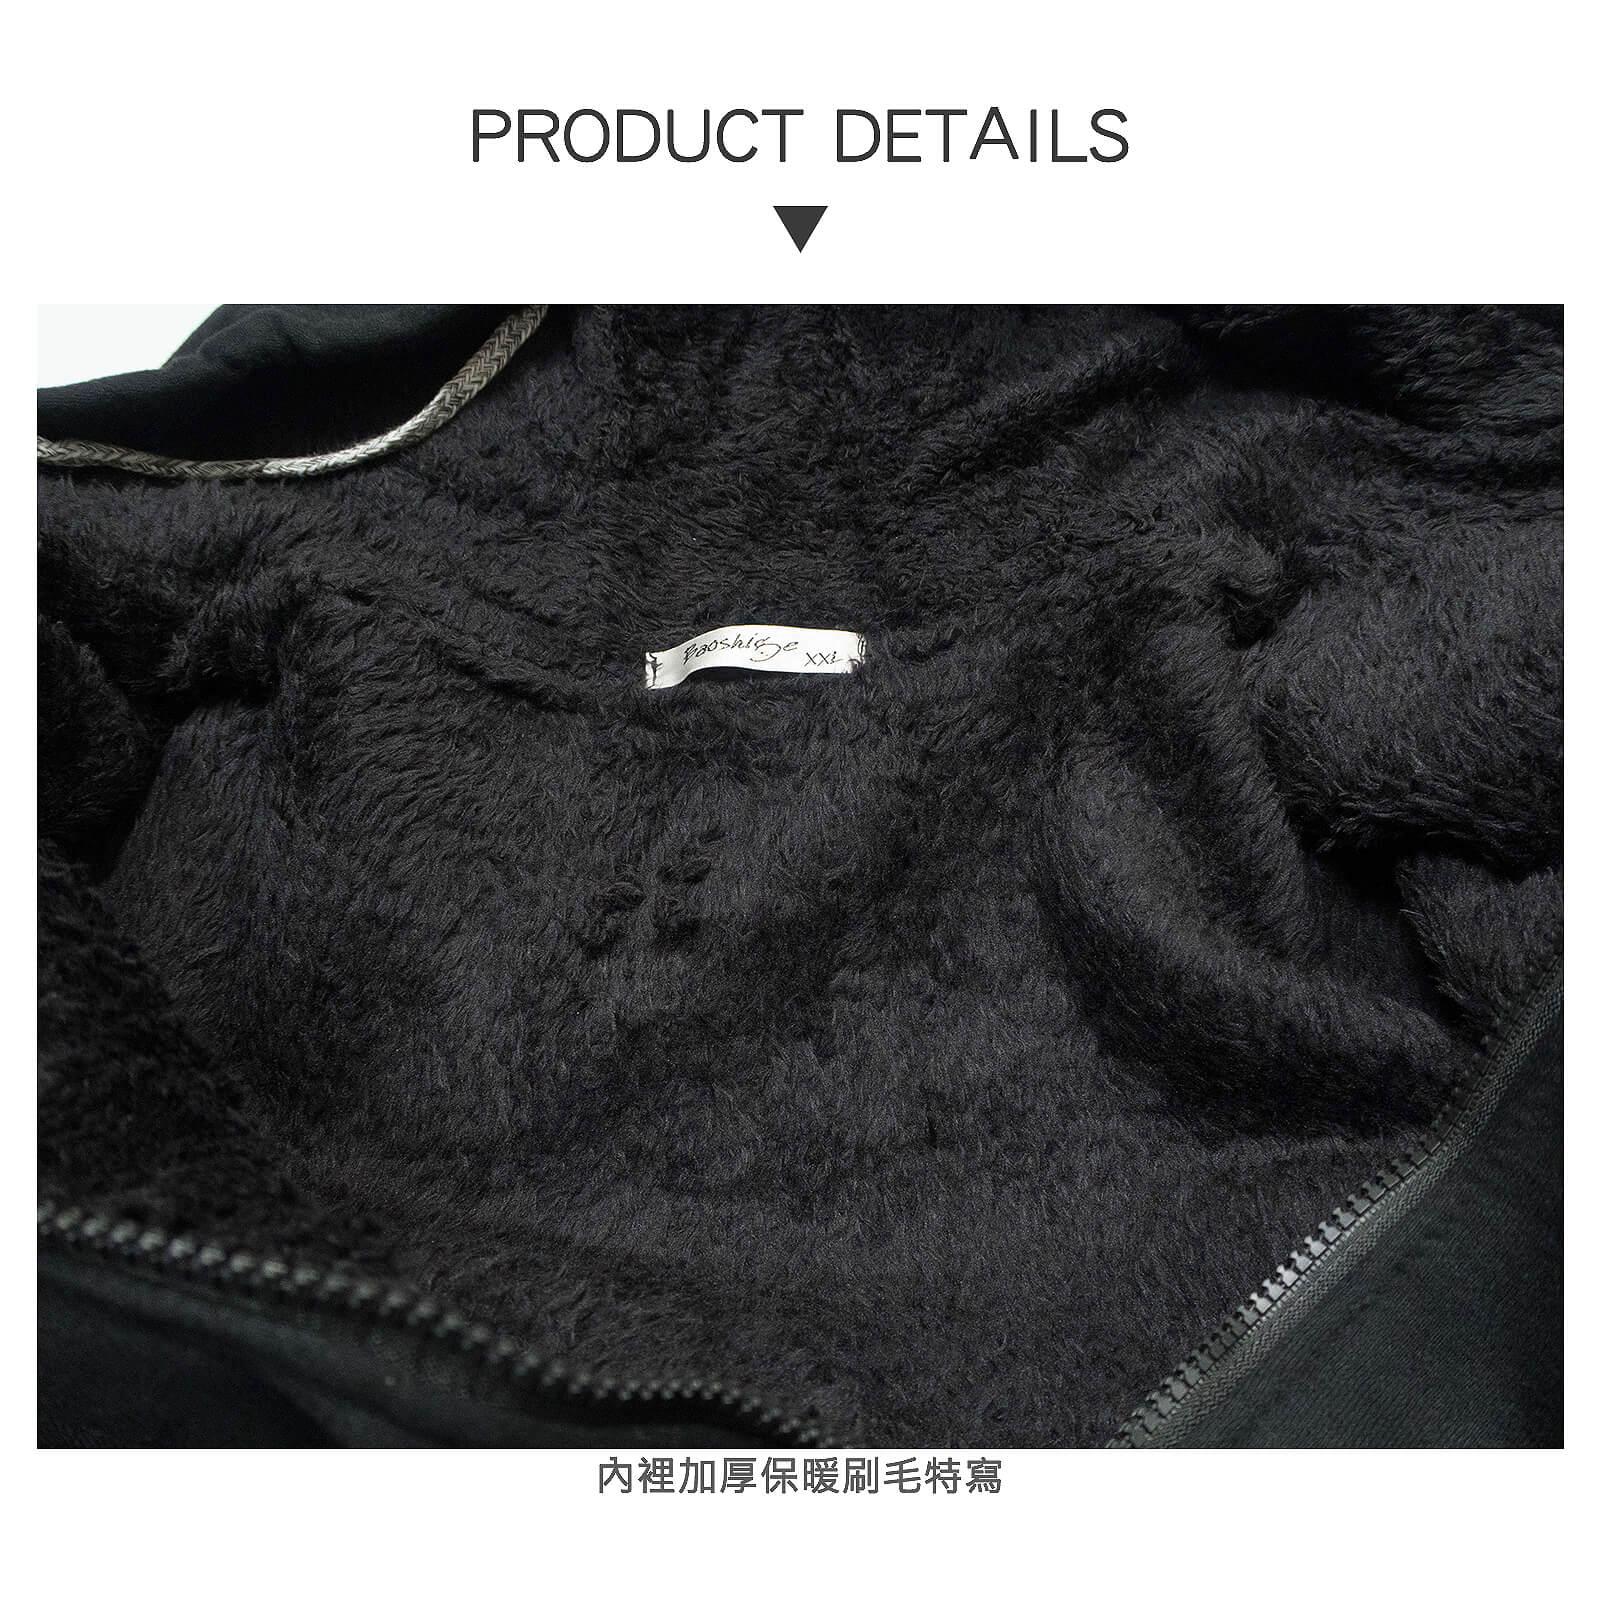 厚刷毛外套 保暖外套 連帽外套 夾克外套 休閒外套 黑色外套 Fleece Jackets Warm Jackets Casual Jackets Men's Jackets (312-2801-21)黑色 單一尺寸 F 胸圍46英吋 (117公分) 男 [實體店面保障]sun-e 5